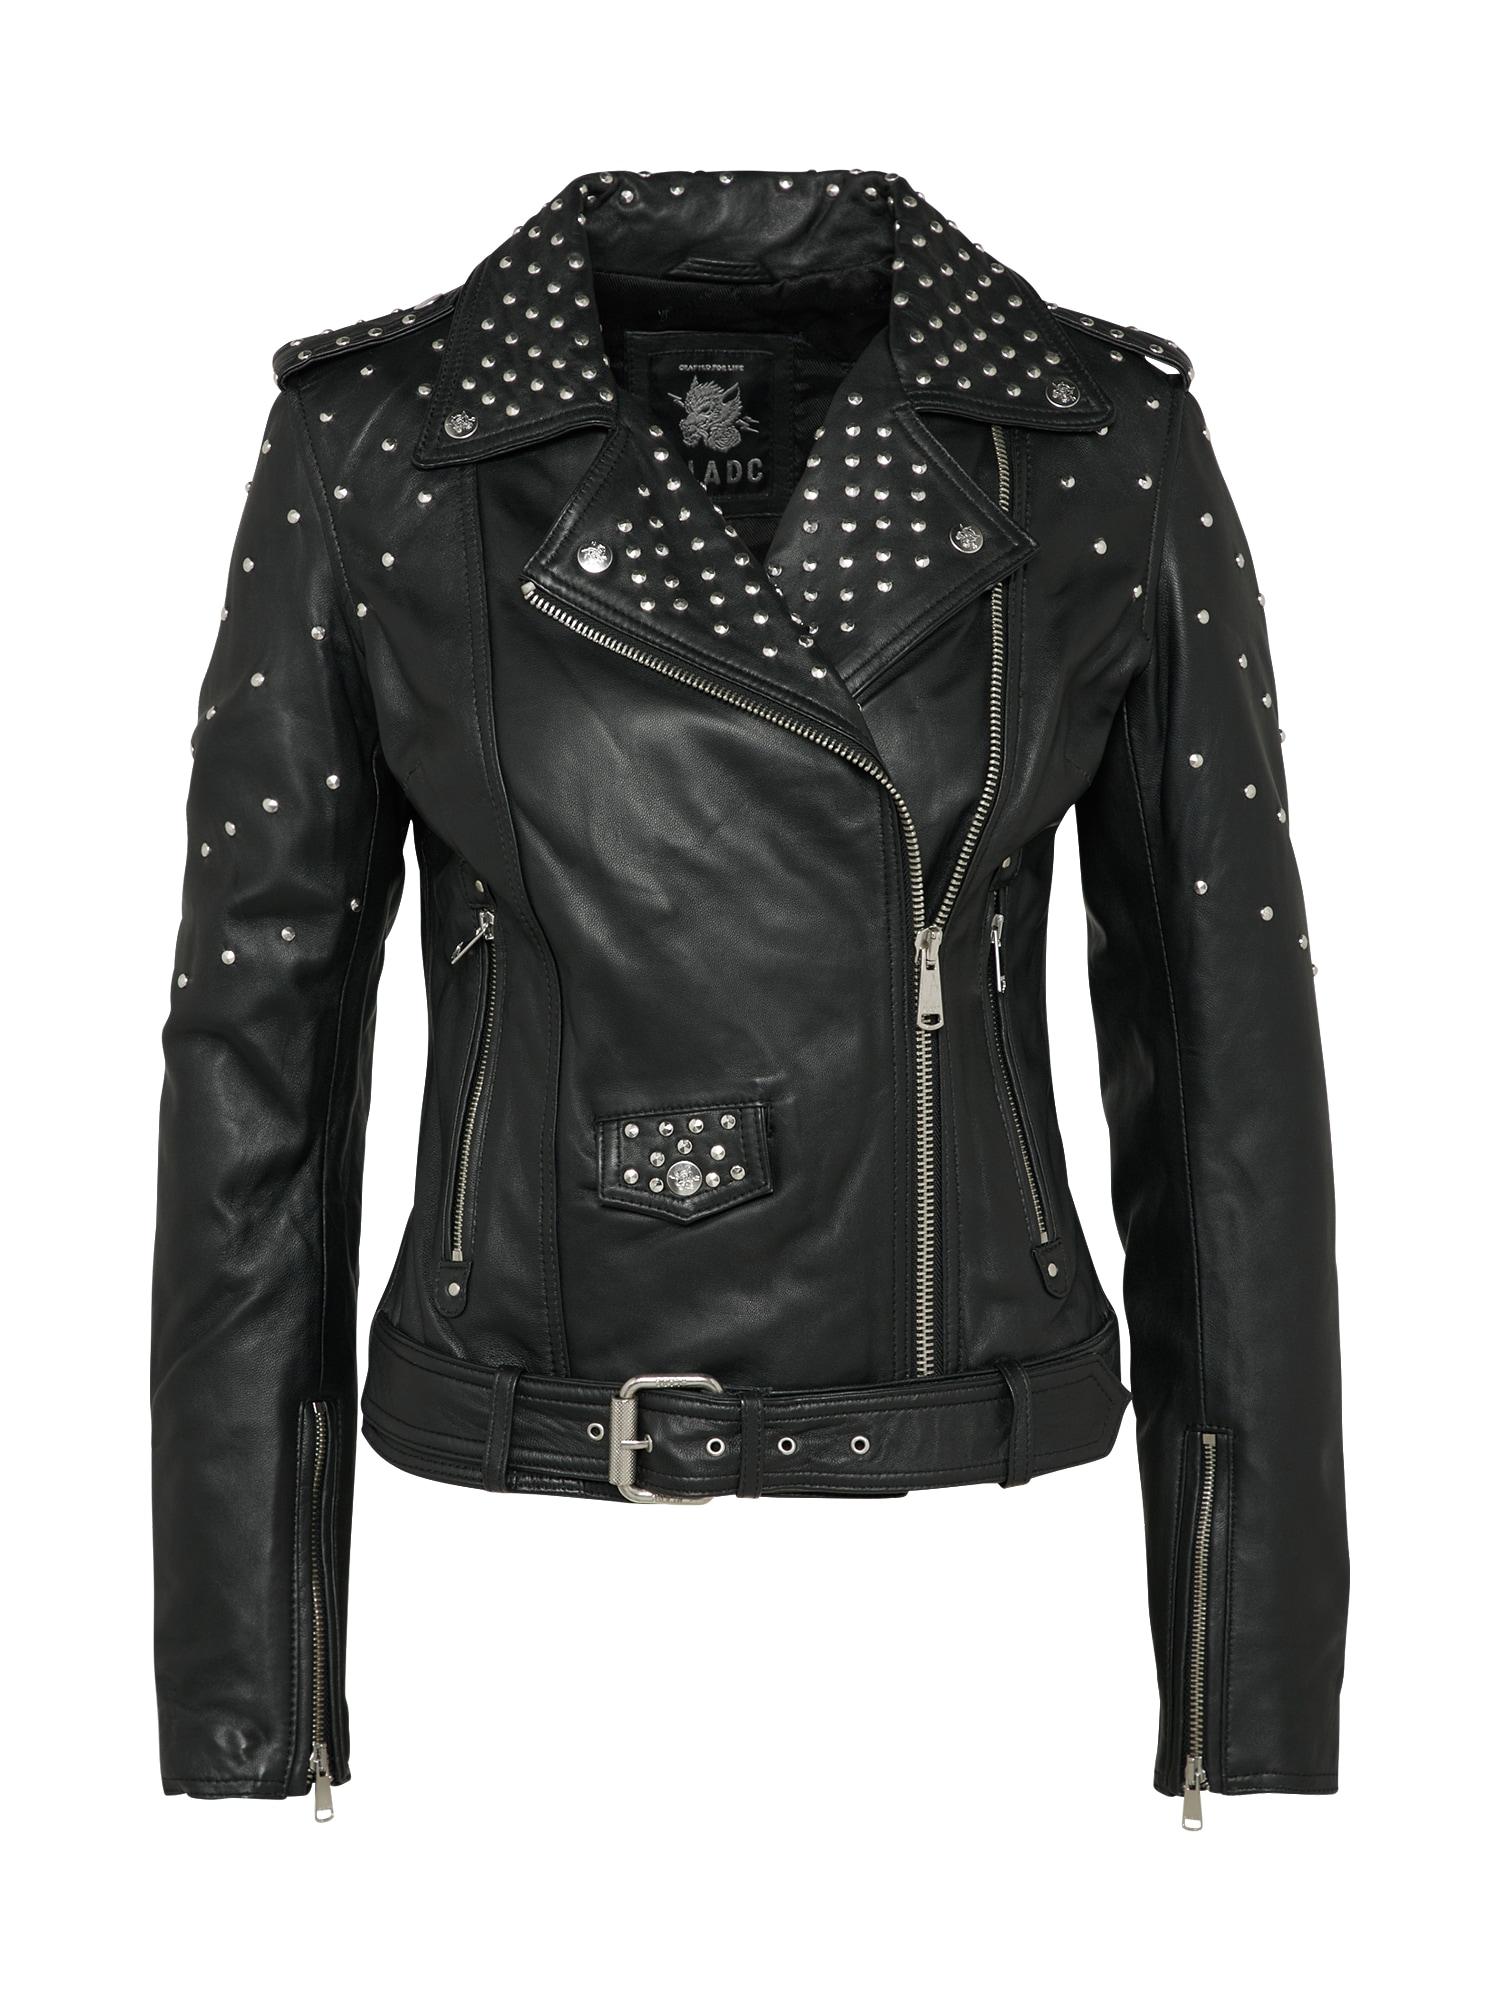 Přechodná bunda Diane černá #LADC